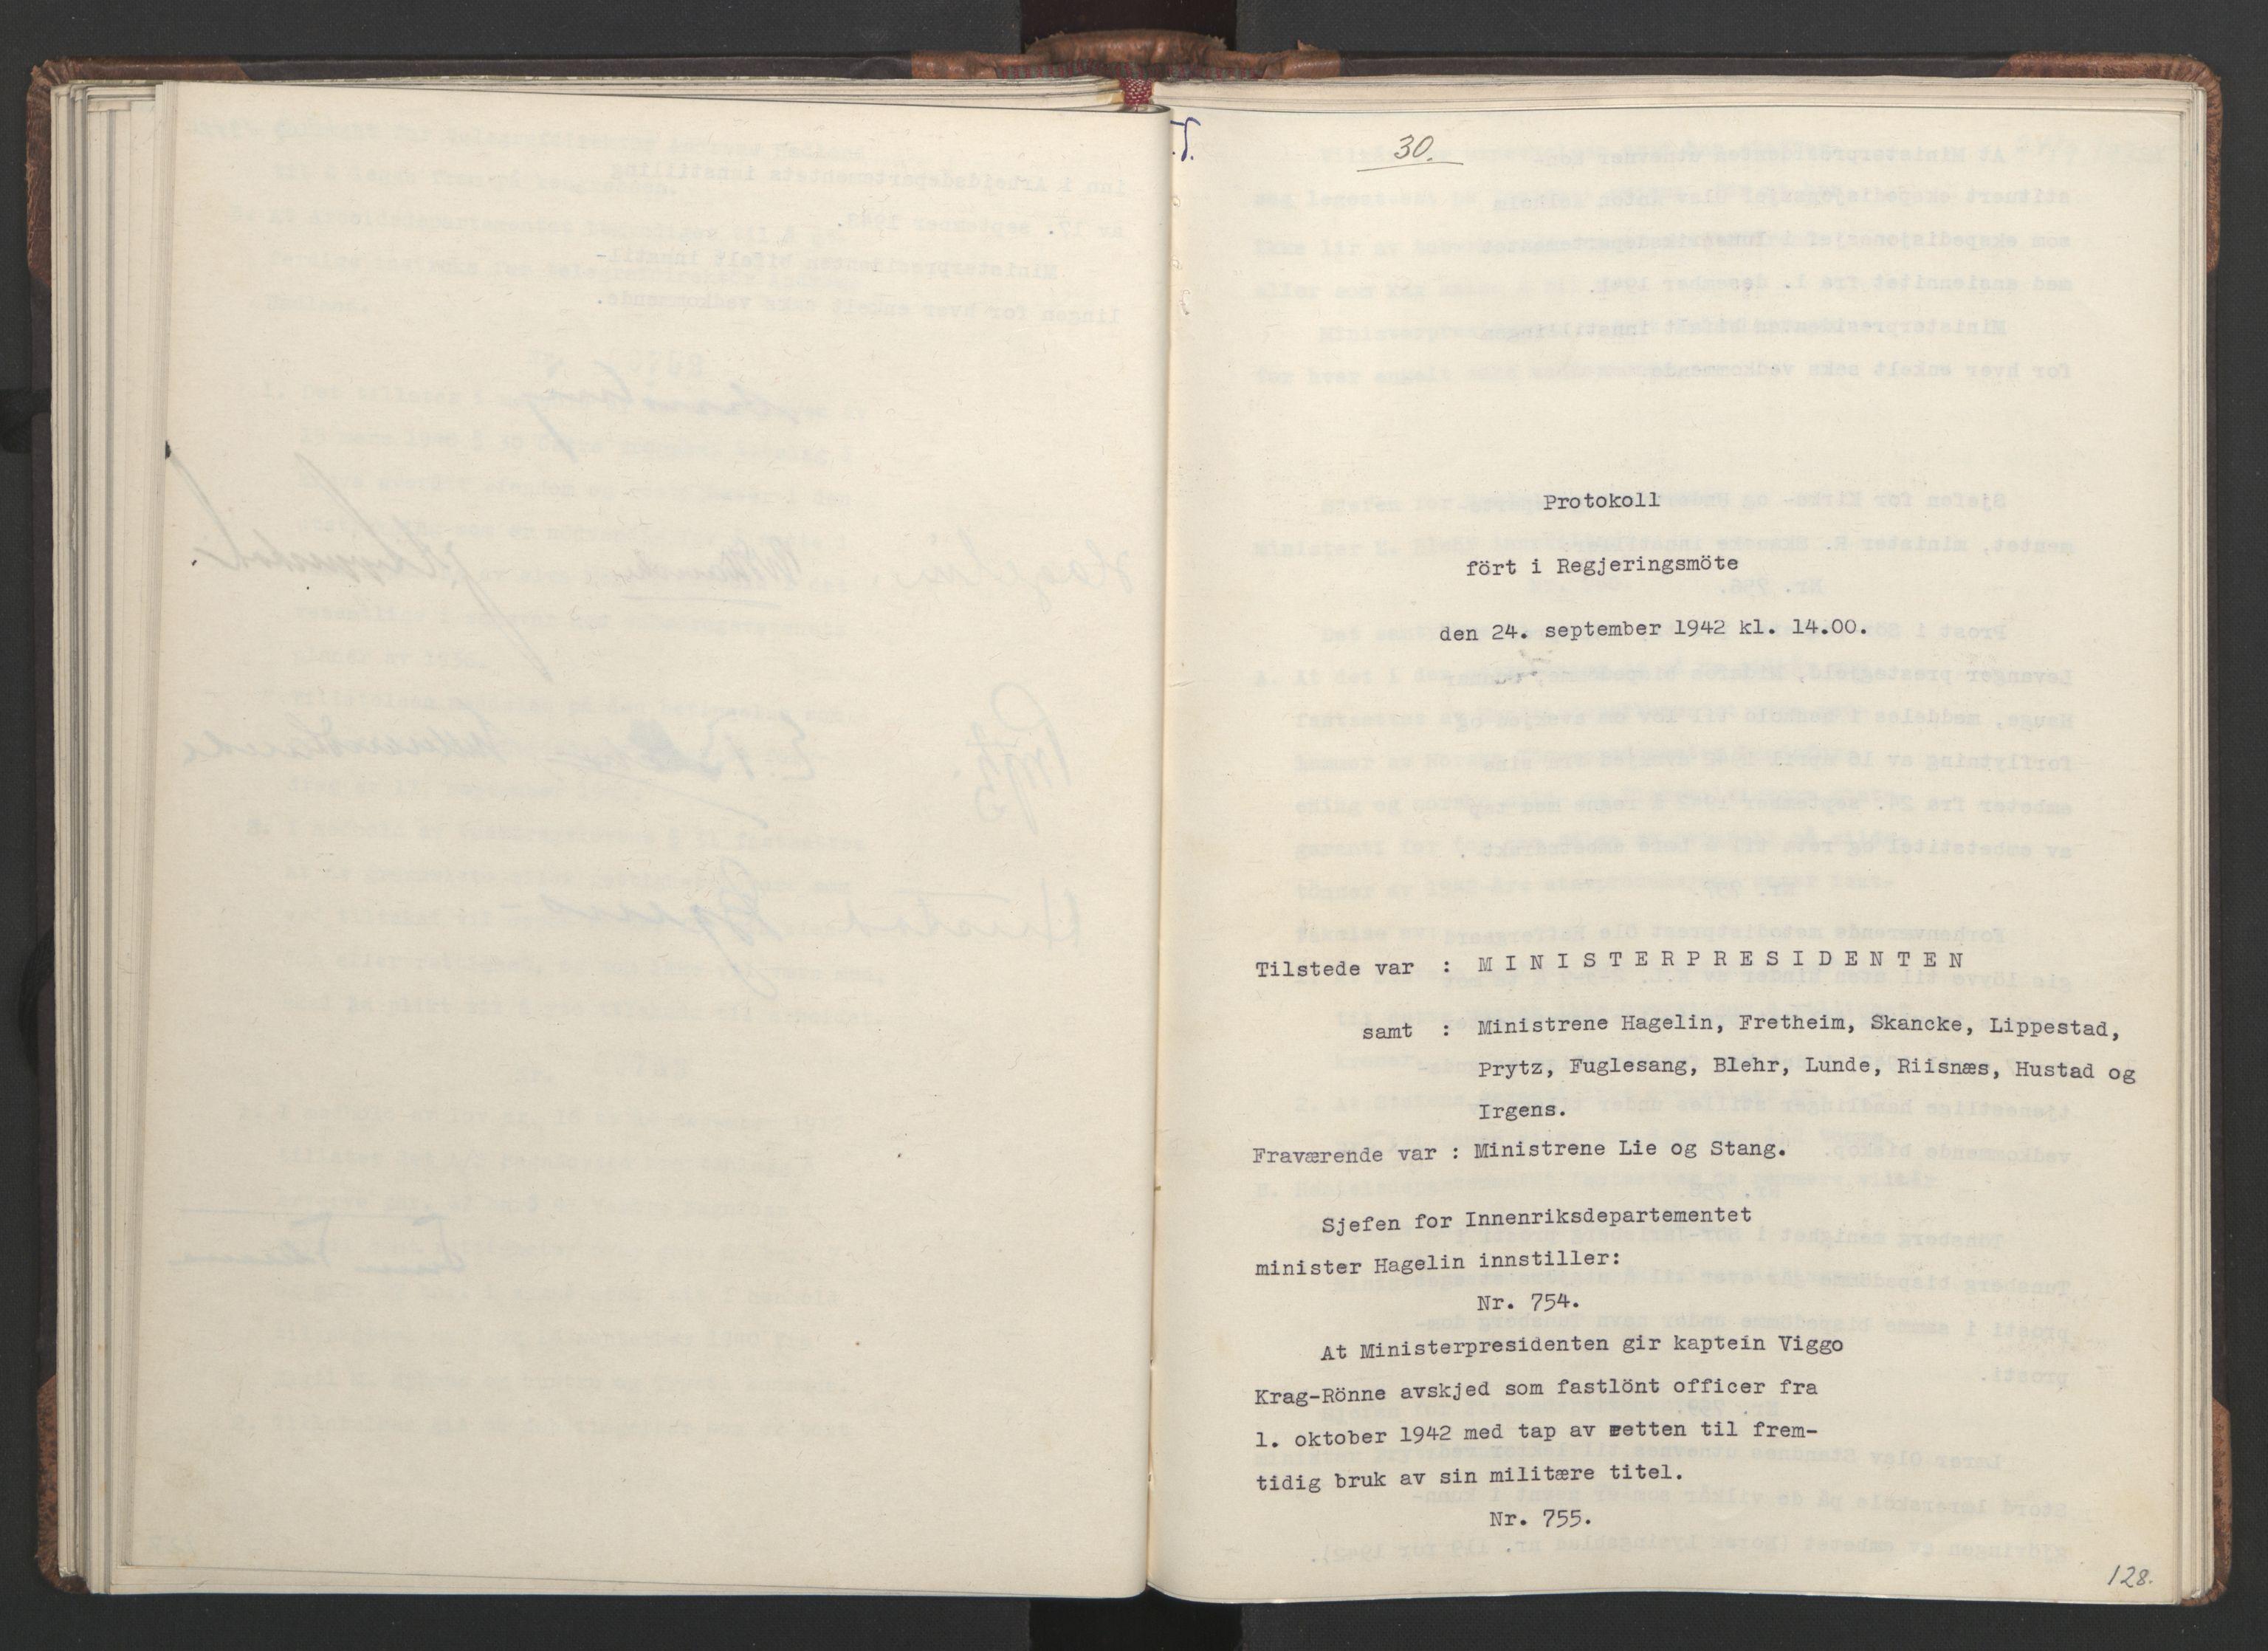 RA, NS-administrasjonen 1940-1945 (Statsrådsekretariatet, de kommisariske statsråder mm), D/Da/L0001: Beslutninger og tillegg (1-952 og 1-32), 1942, s. 127b-128a